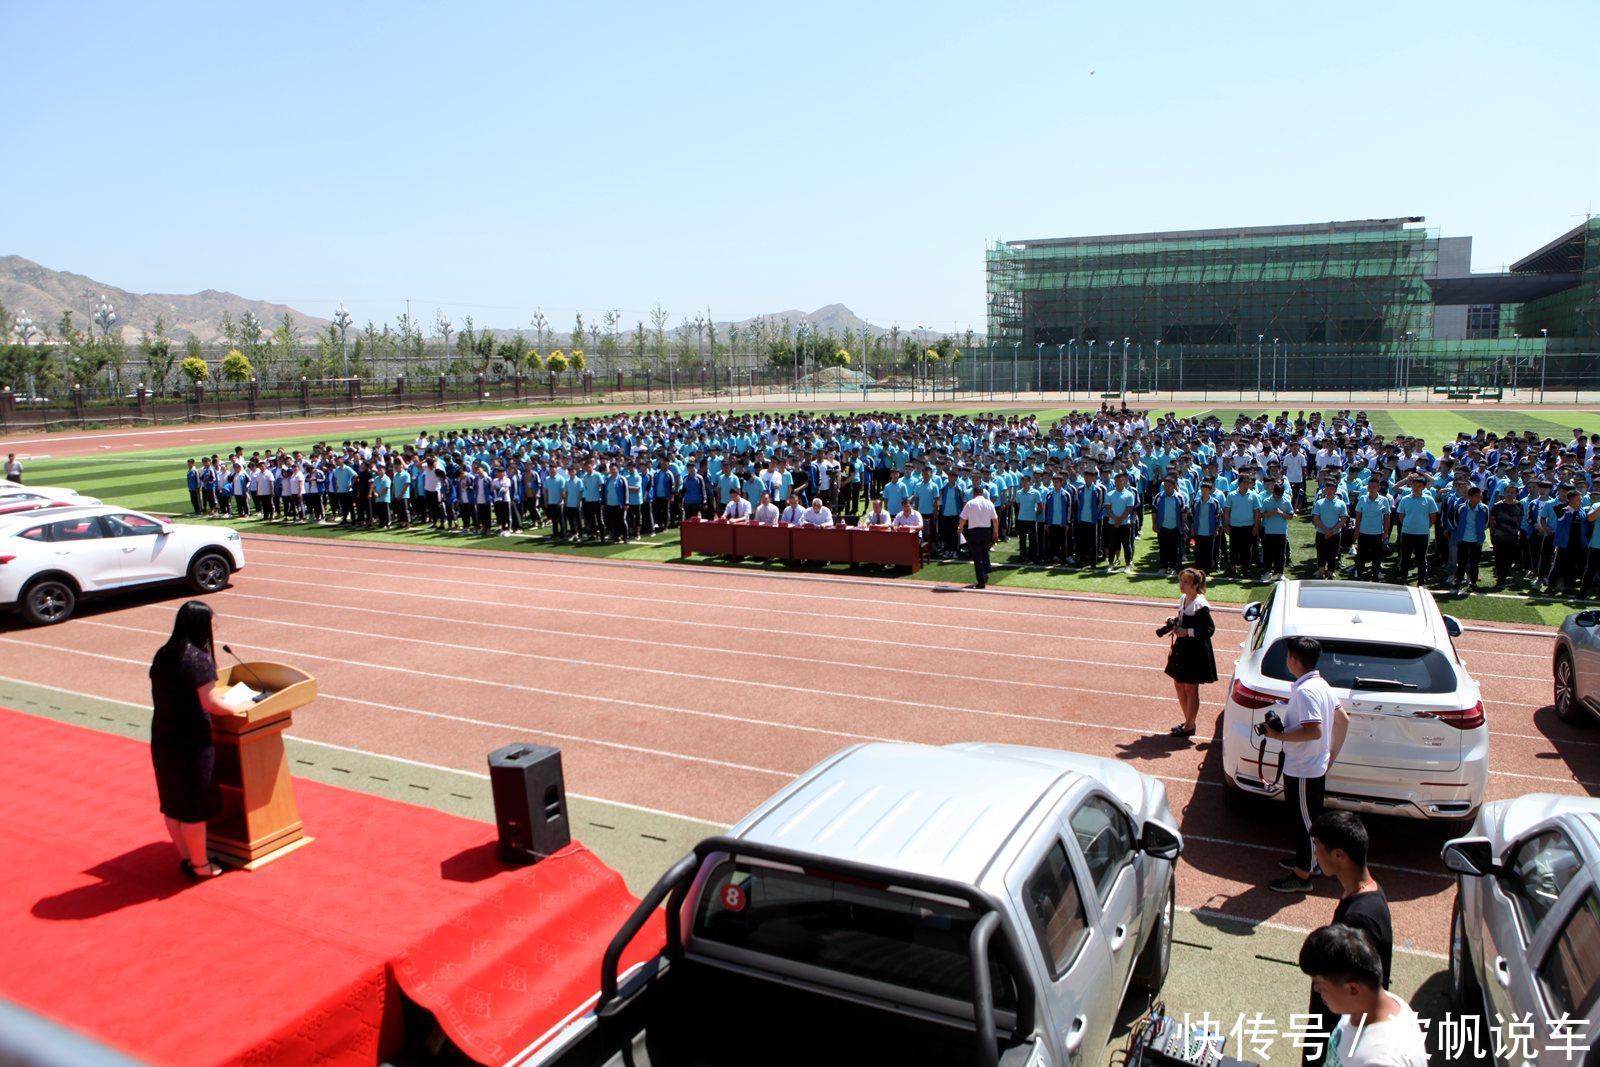 长城汽车车辆千万元设备及价值正式捐赠阜平县薄款九分小脚裤图片